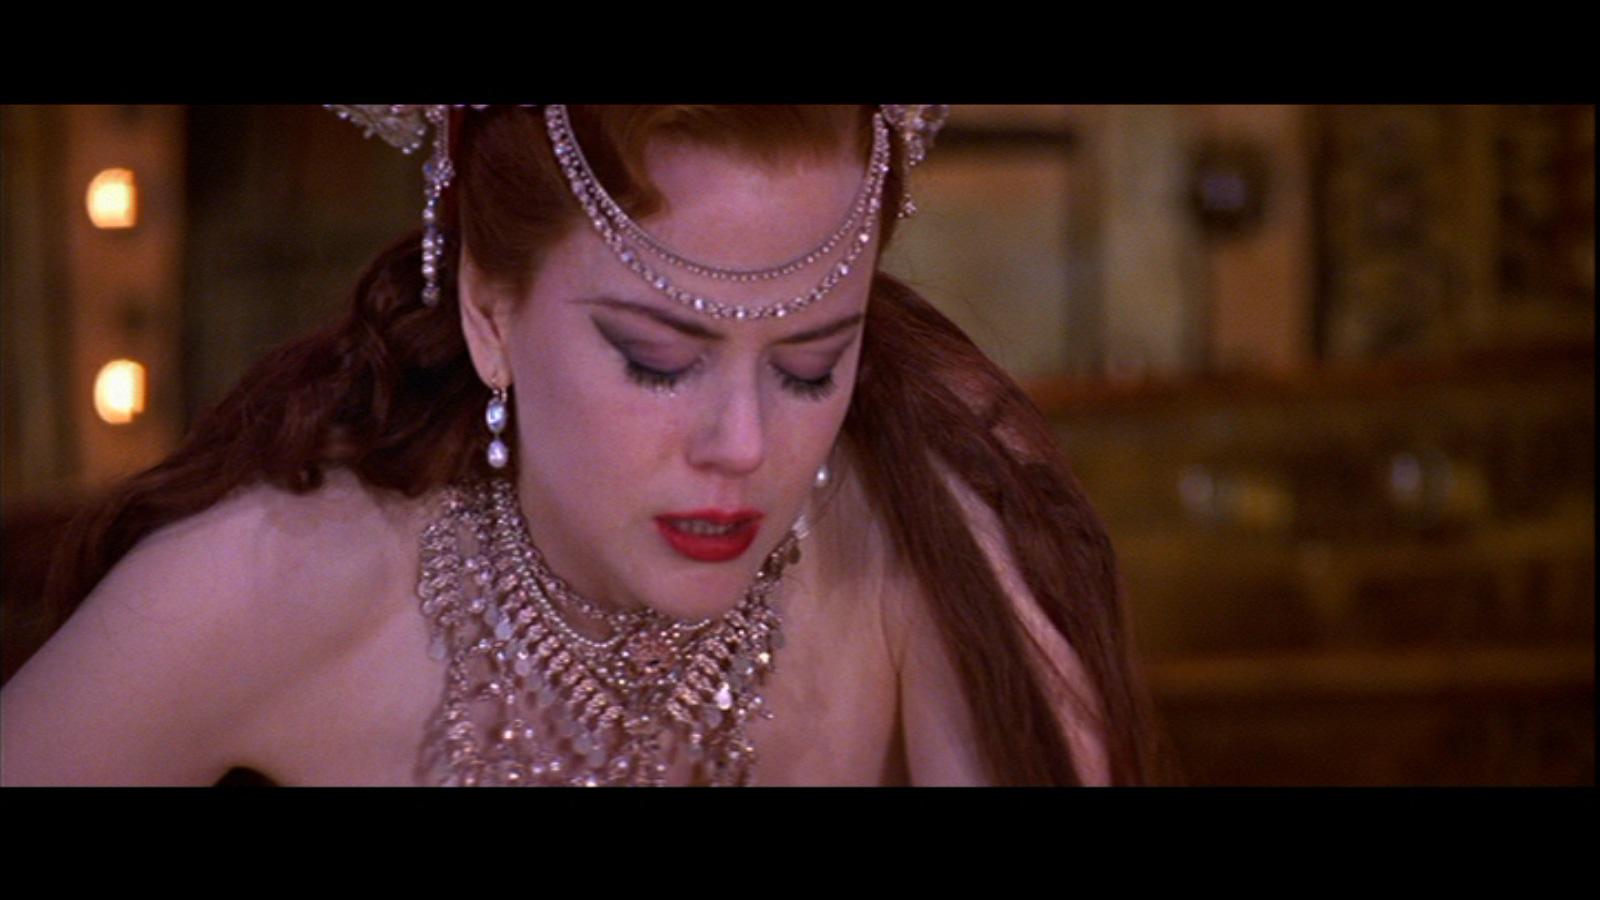 Moulin Rouge - Nicole Kidman Image (24541100) - Fanpop